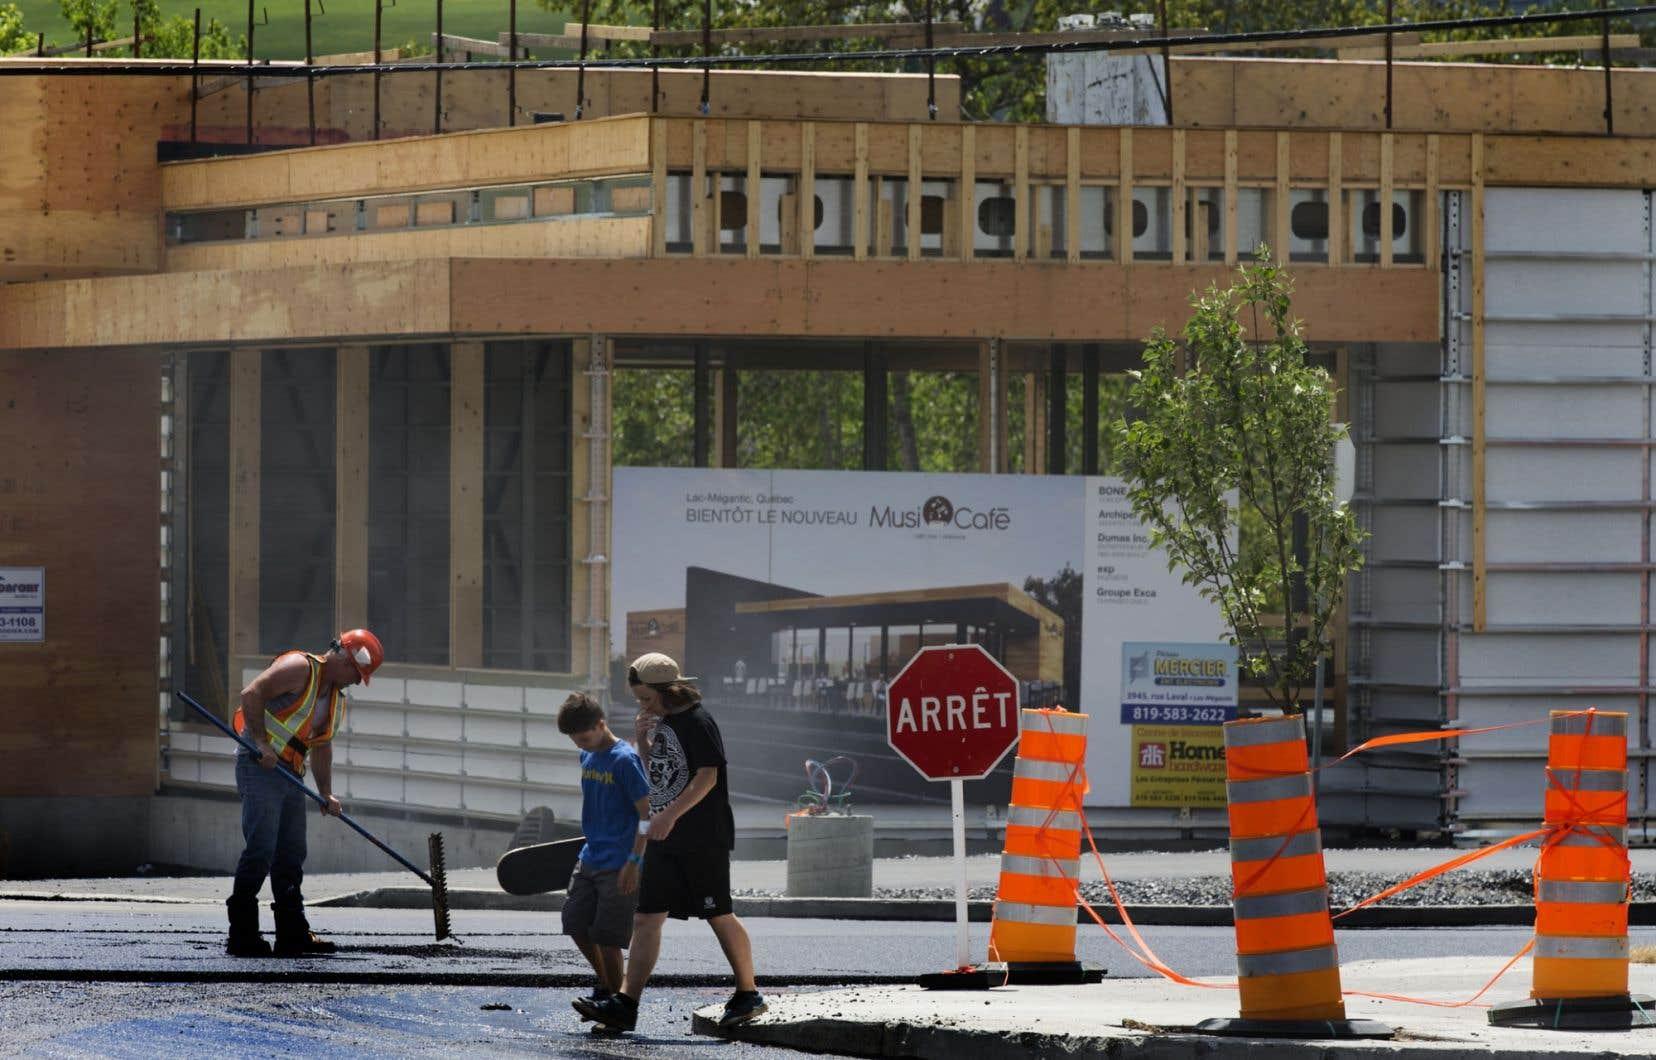 Le projet de Centre magnétique souhaite instaurer une synergie entre les entrepreneurs en créant notamment un espace de travail participatif ouvert au public. Le centre-ville de Lac-Mégantic a été détruit par l'explosion d'un train en juin 2013.